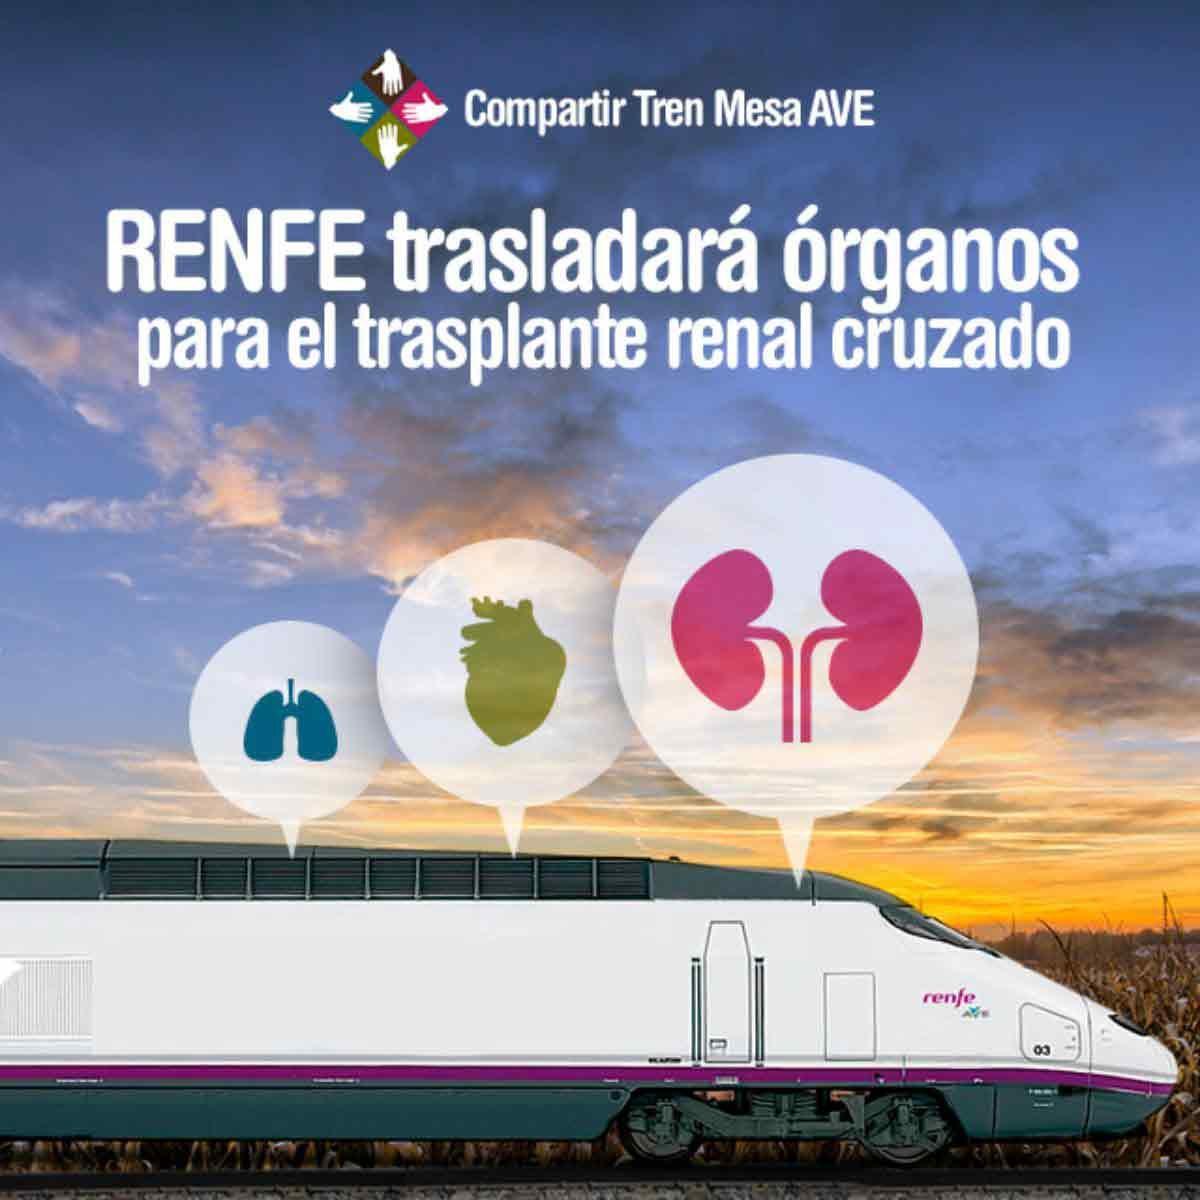 Los AVE trasladarán órganos para el trasplante renal cruzado.